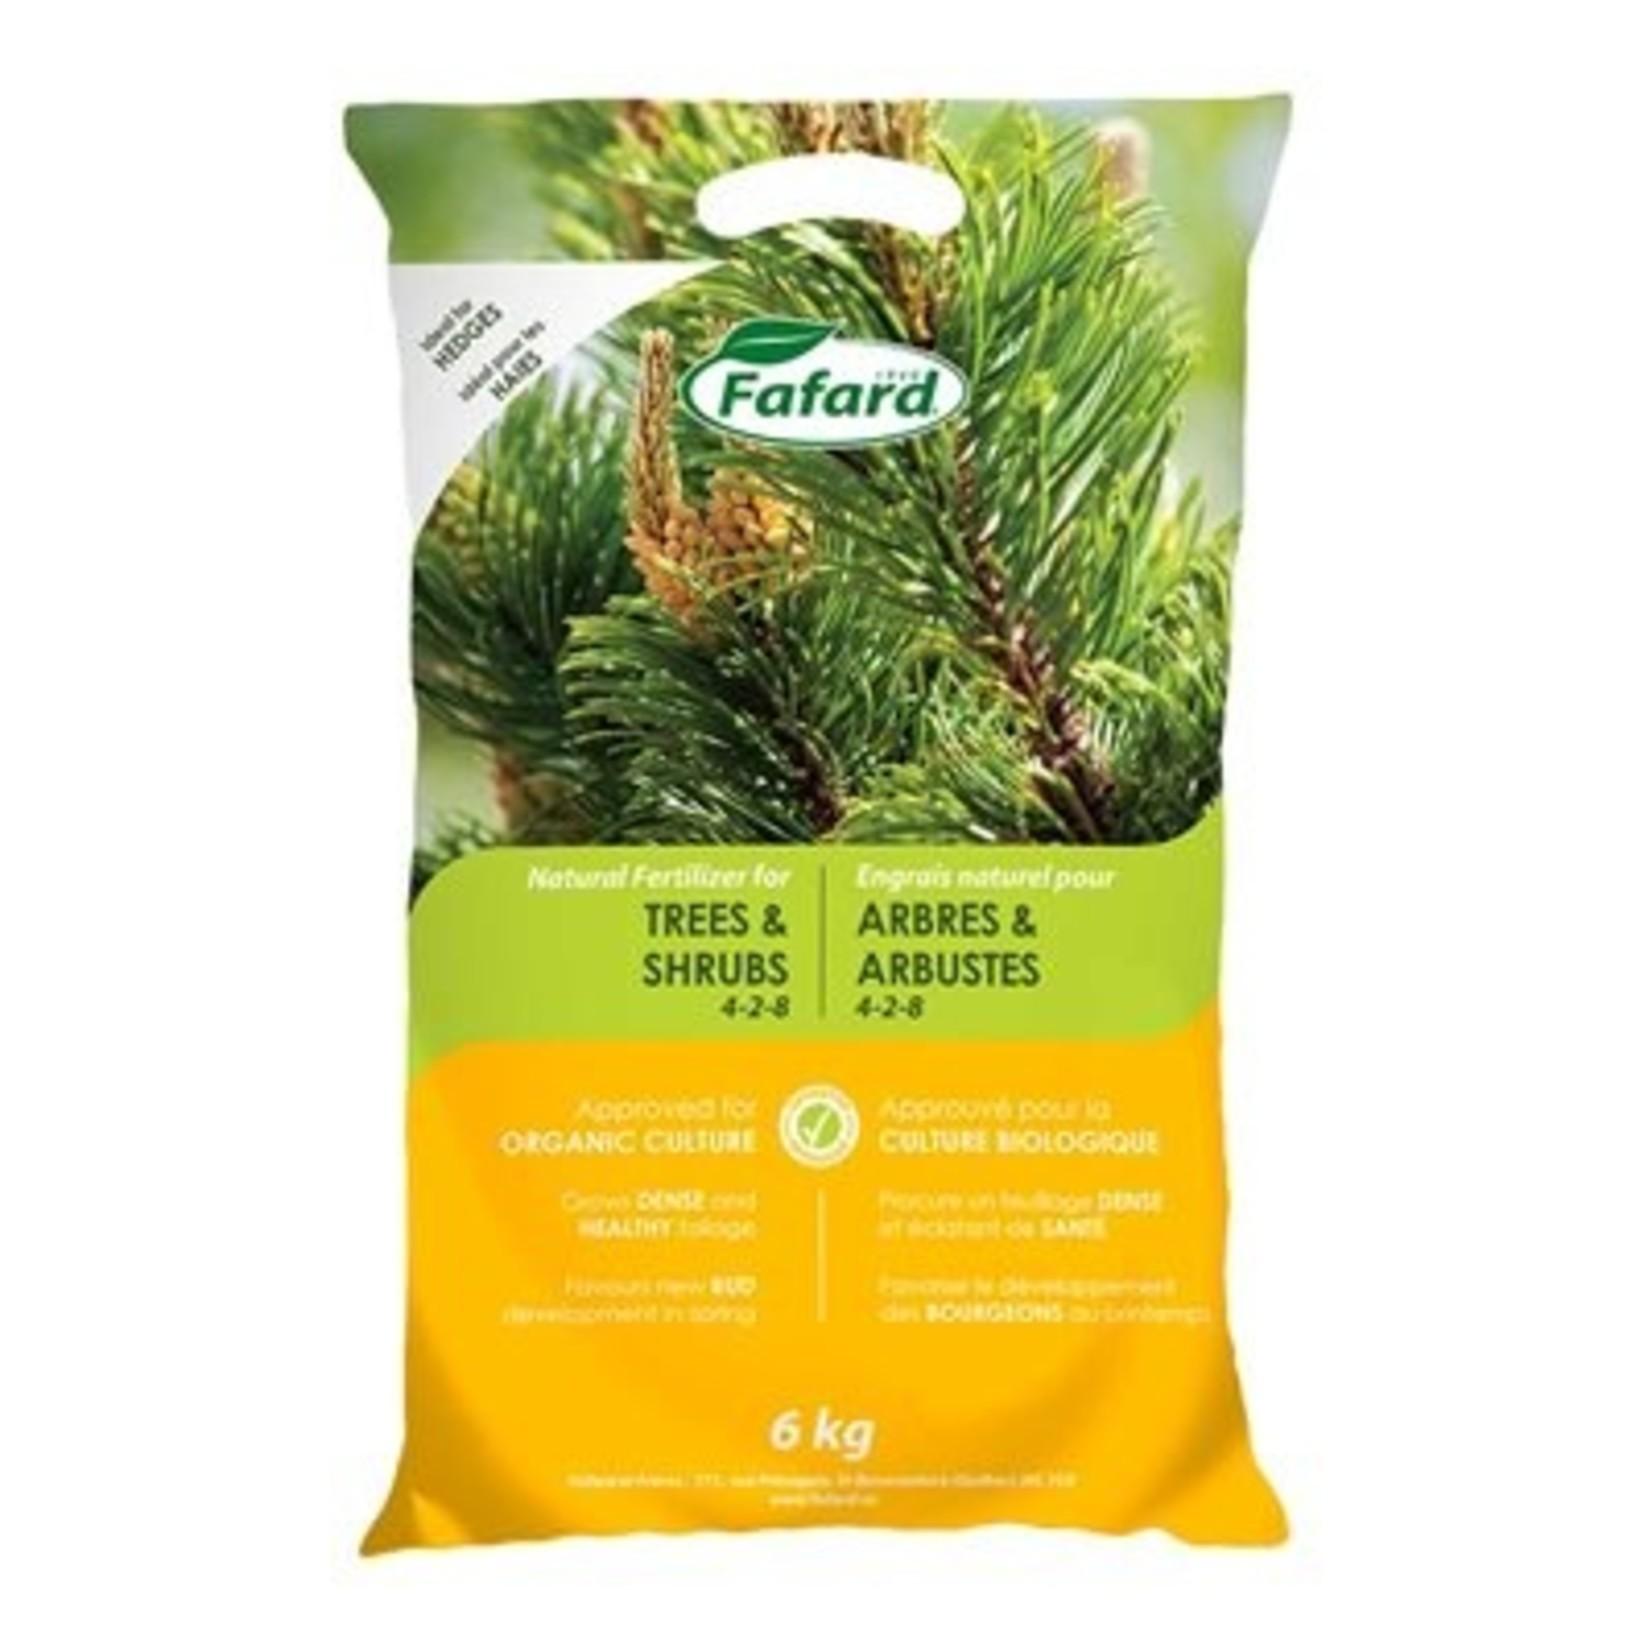 Fafard Engrais naturel Conifères, arbres et arbustes (4-2-8) 6 KG